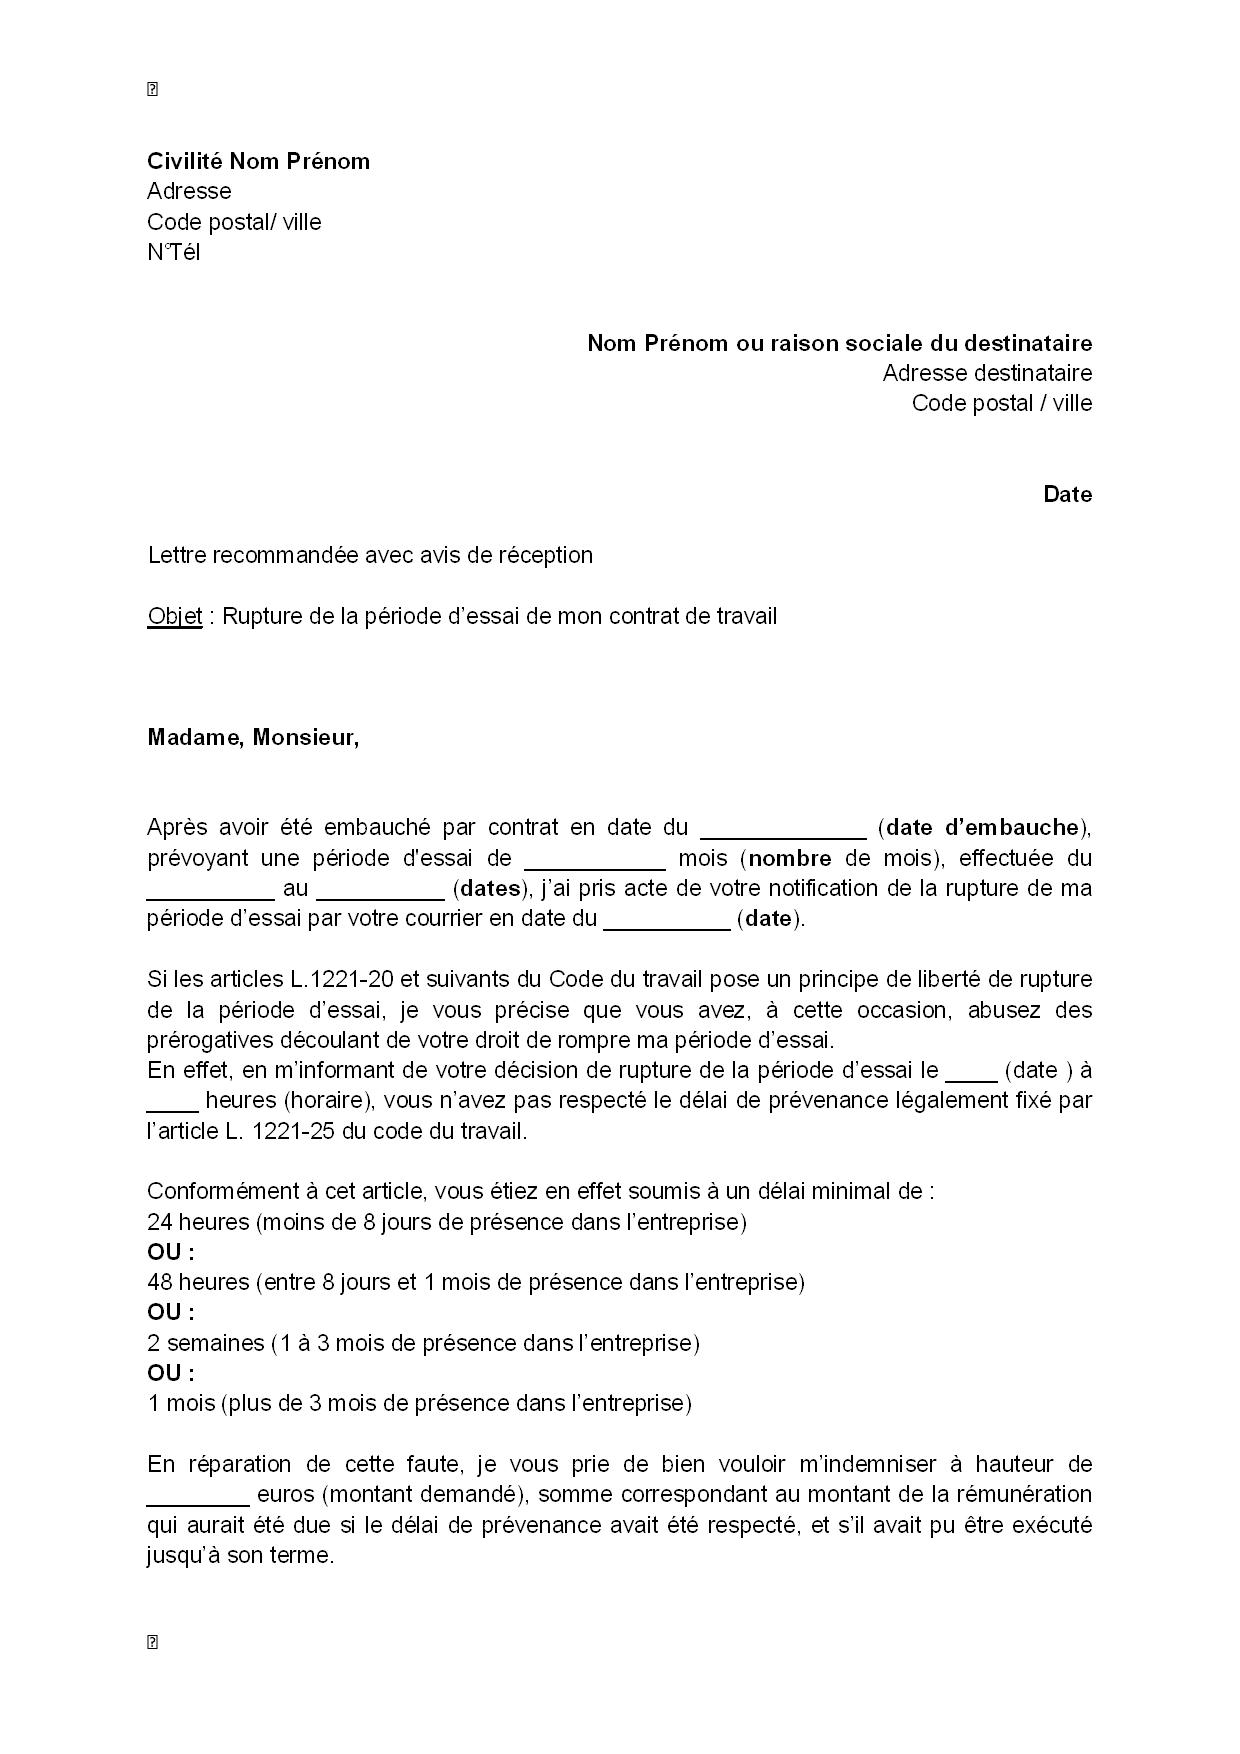 Super Lettre de contestation de la rupture de la période d'essai pour  ID43